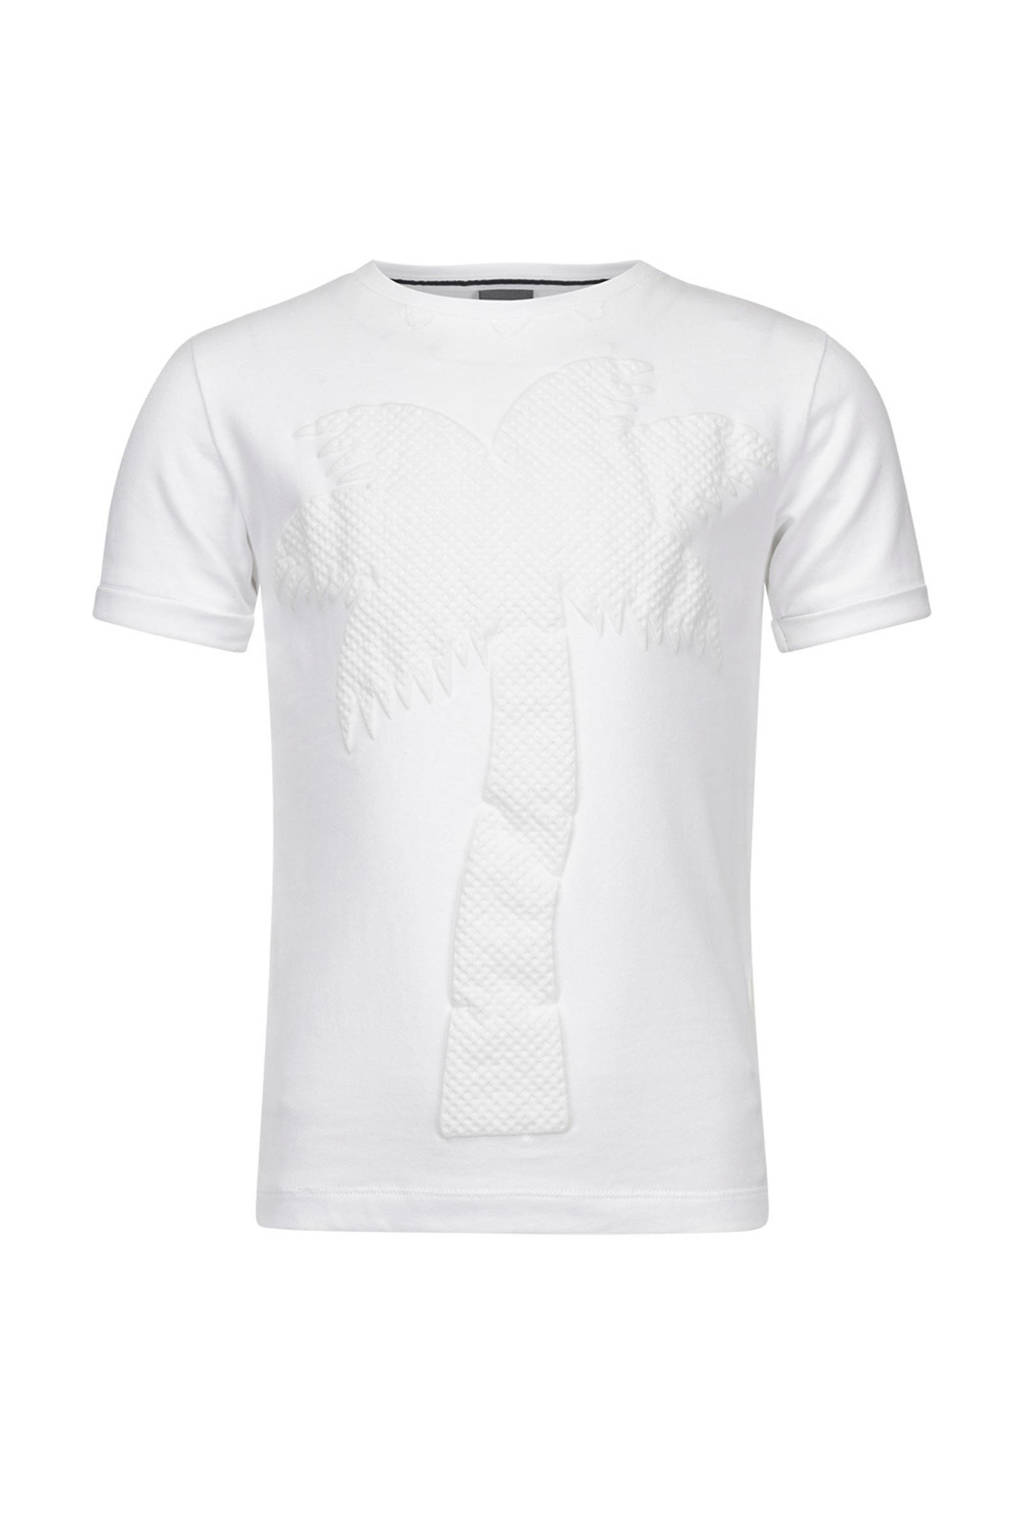 Baker Bridge T-shirt Tobic wit, Wit